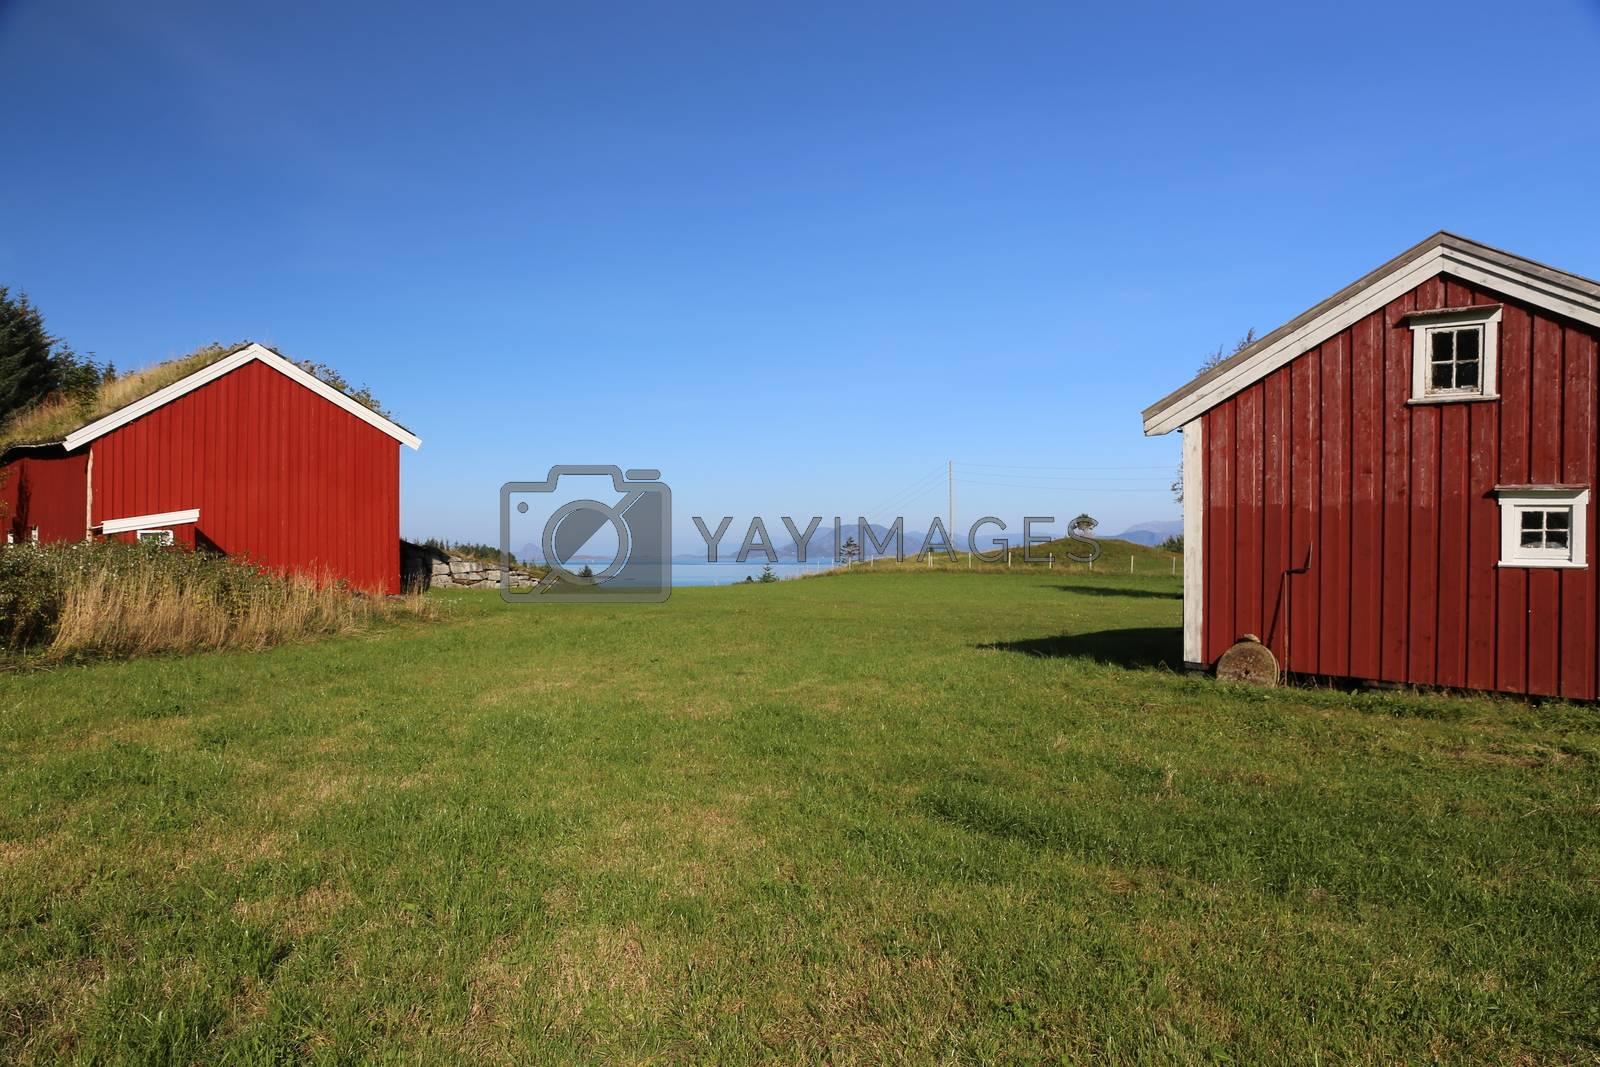 Sommerhus på Sørkvaløya i Sømna kommune, tidligere småbruk